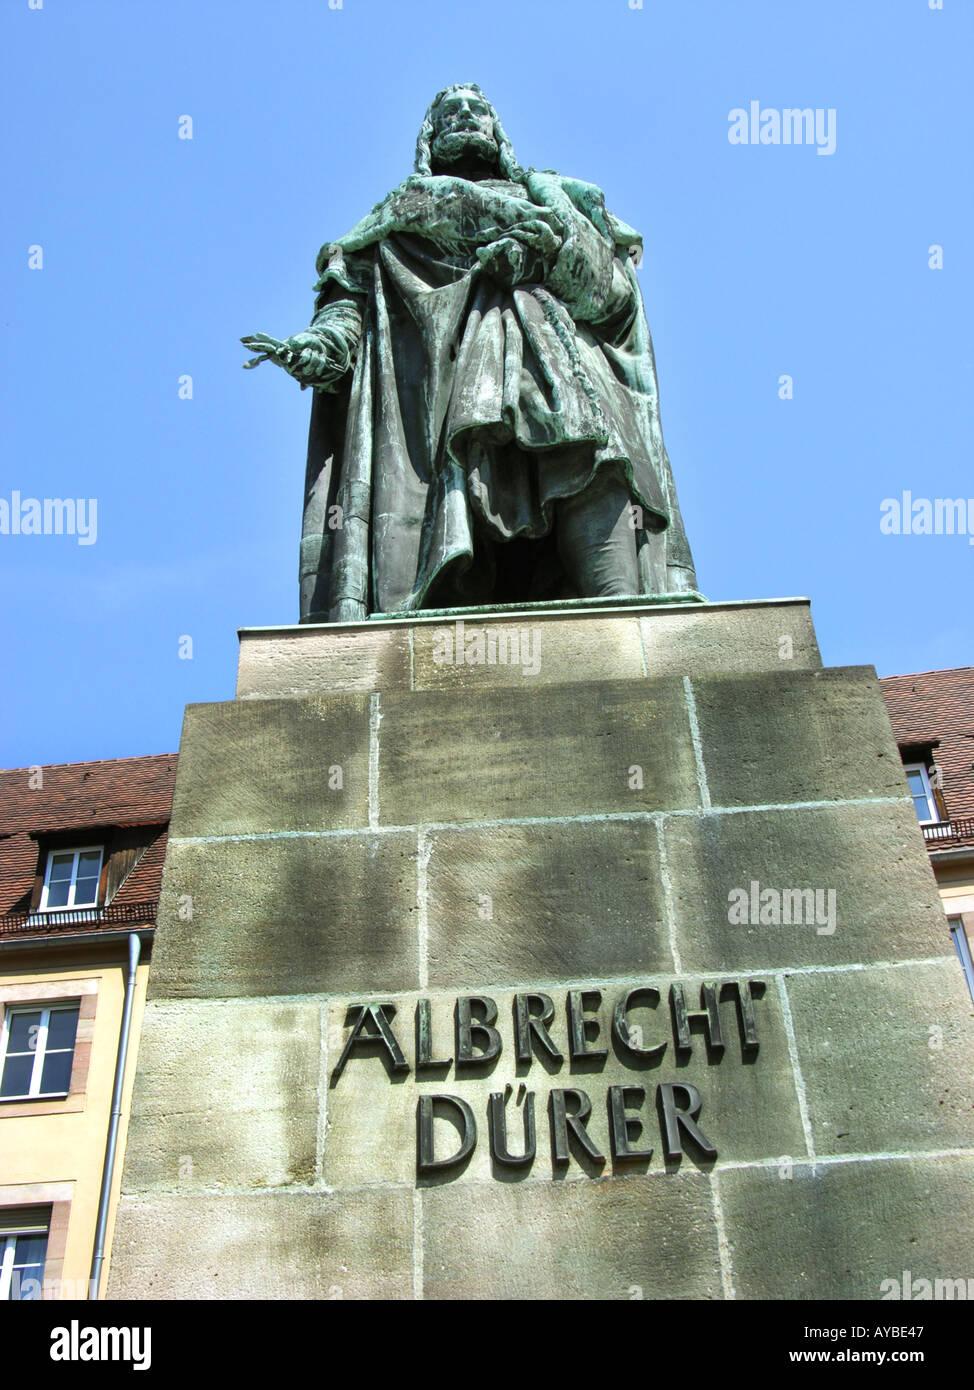 Nürnberg-Nürnberg-Nürnberg ALBRECHT DÜRER Dürer DURER Statue Denkmal Stockbild